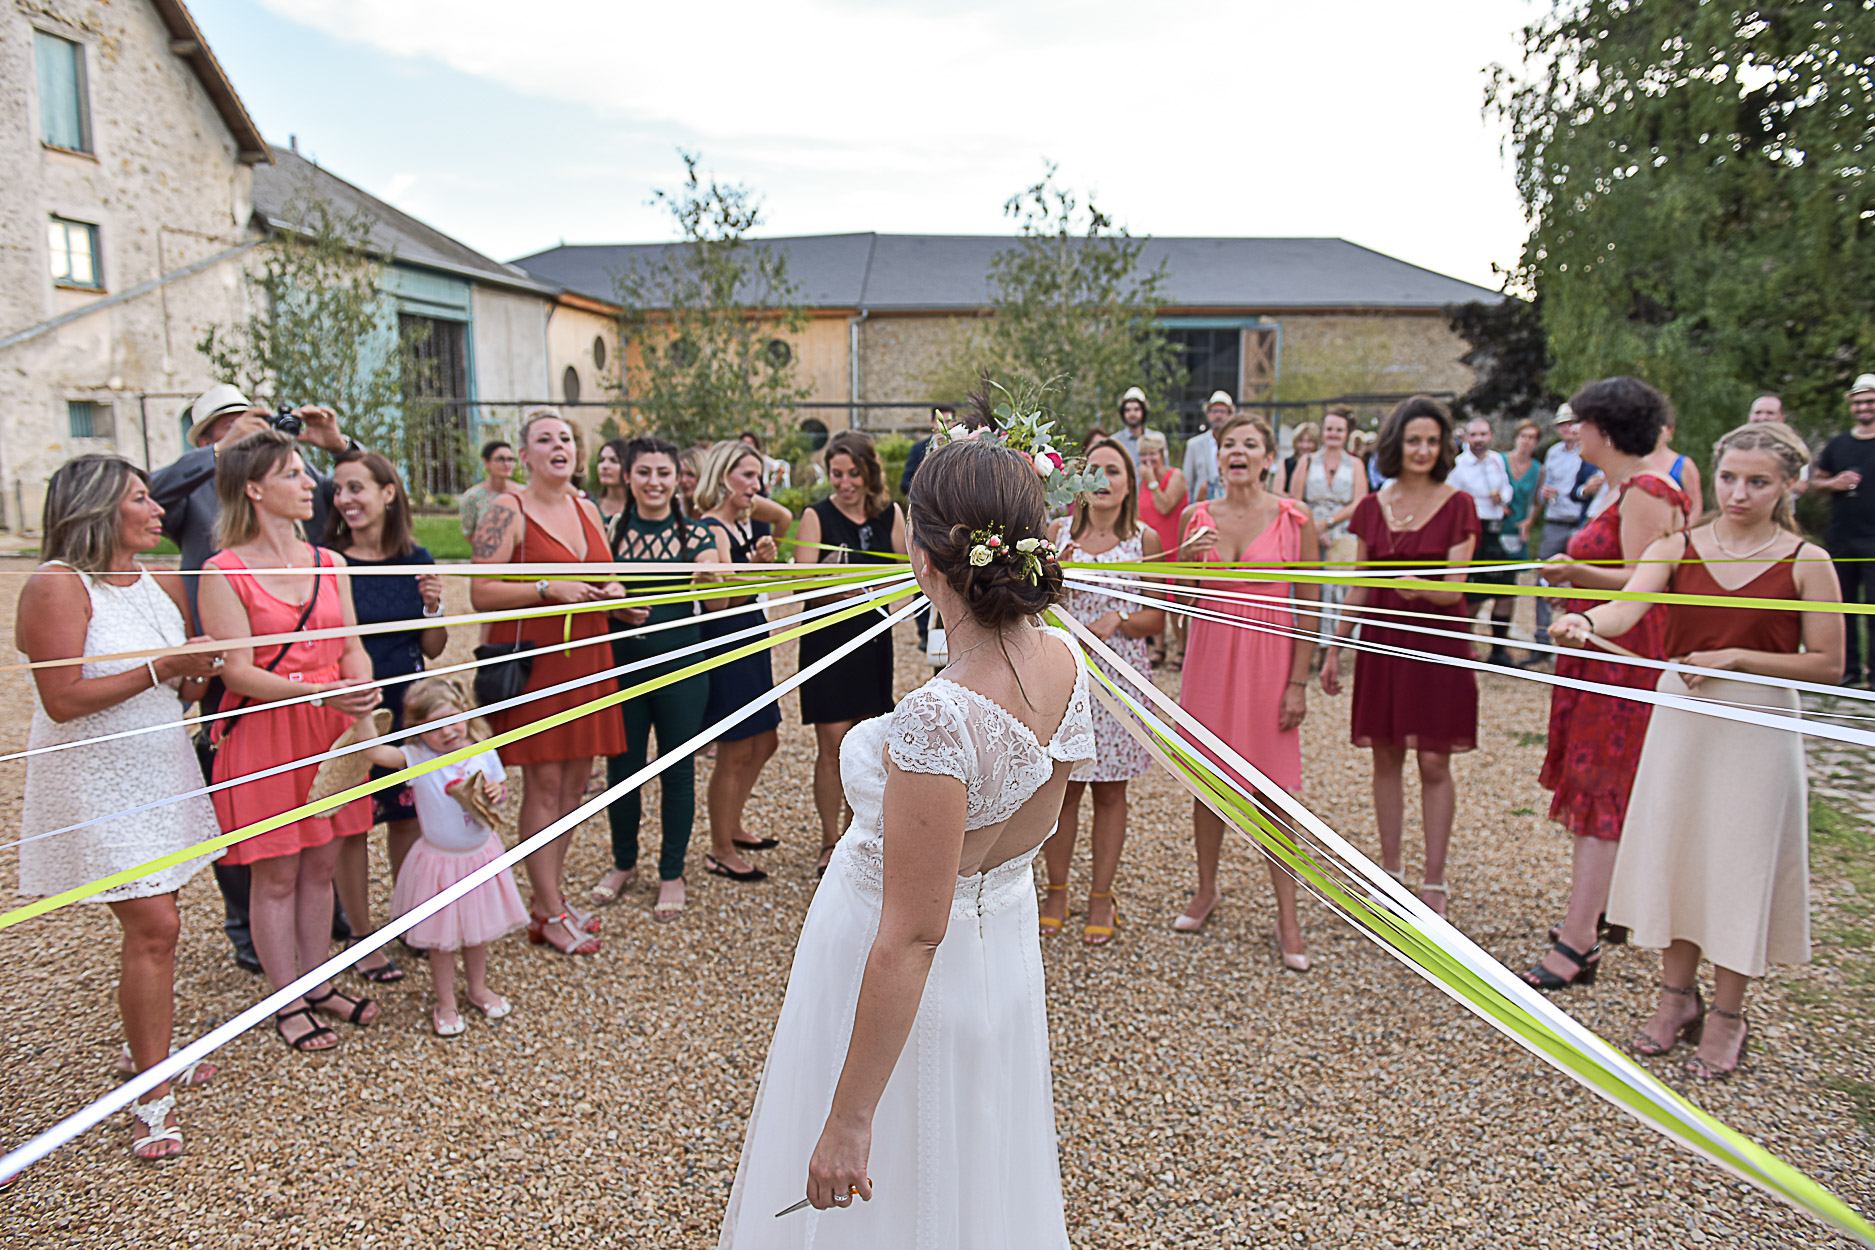 photographe-mariage-ferme-armenon-esssonnes-bouquet-mariee